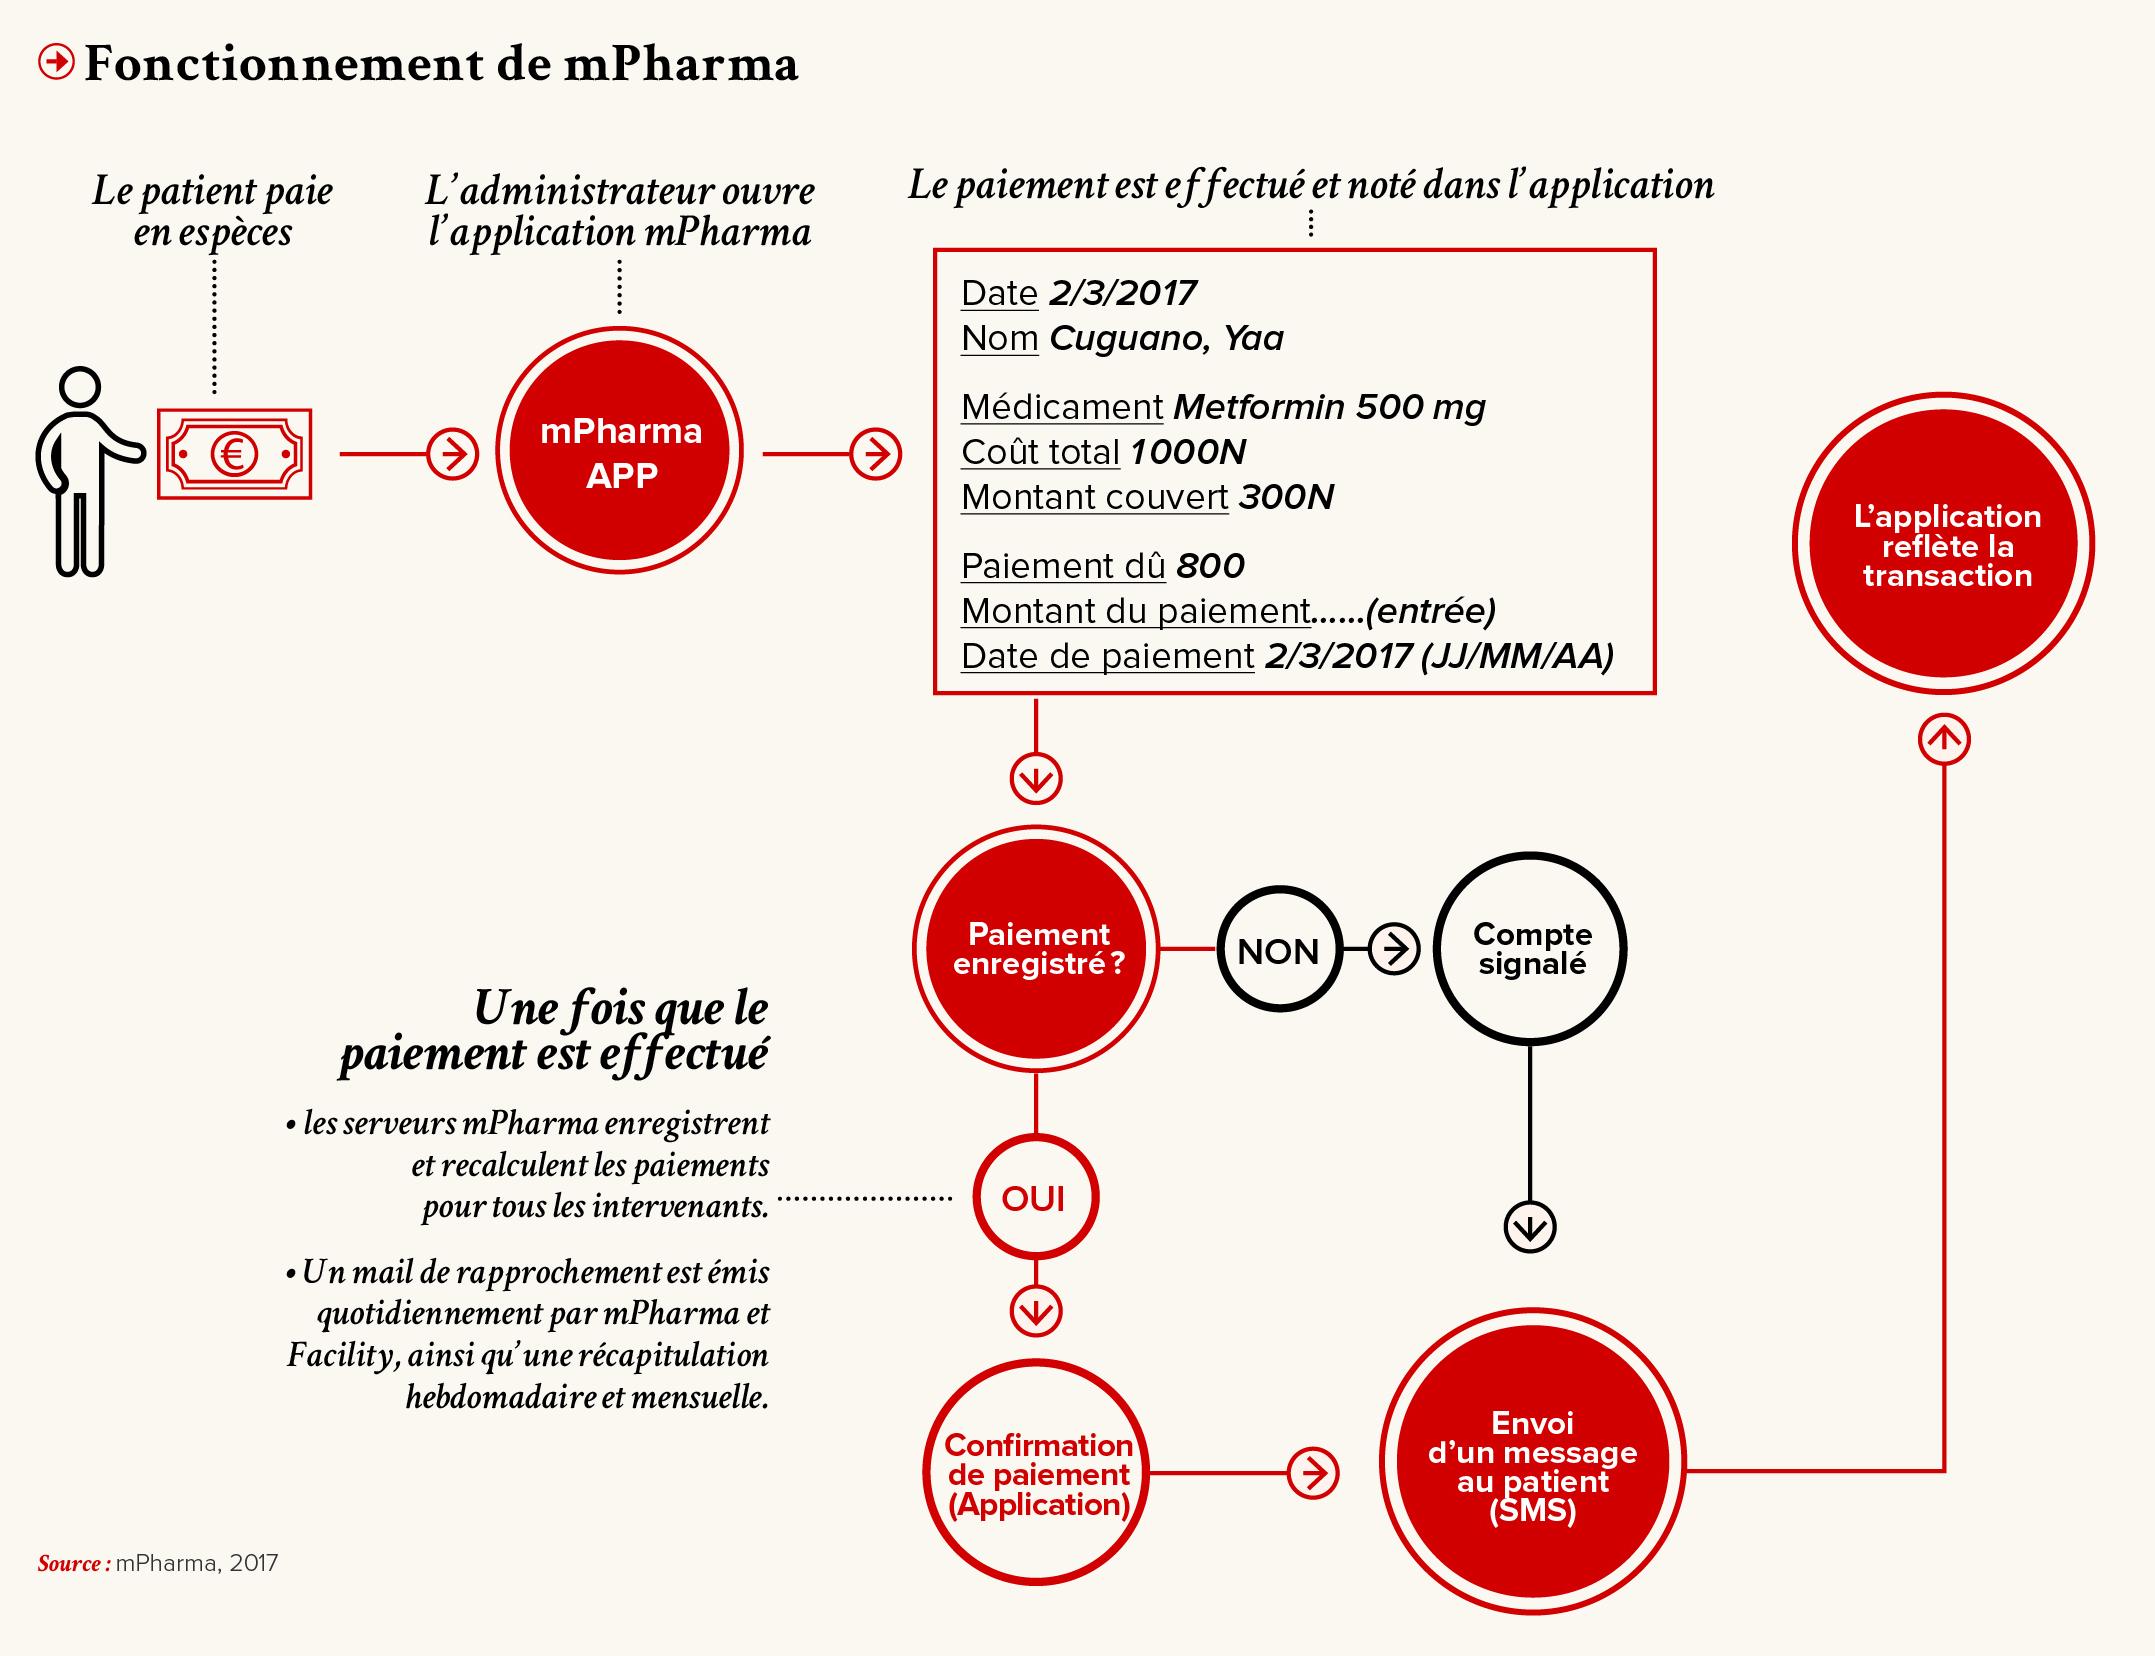 PRO-Revue N28-FR-P17-Fonctionnement de mPharma